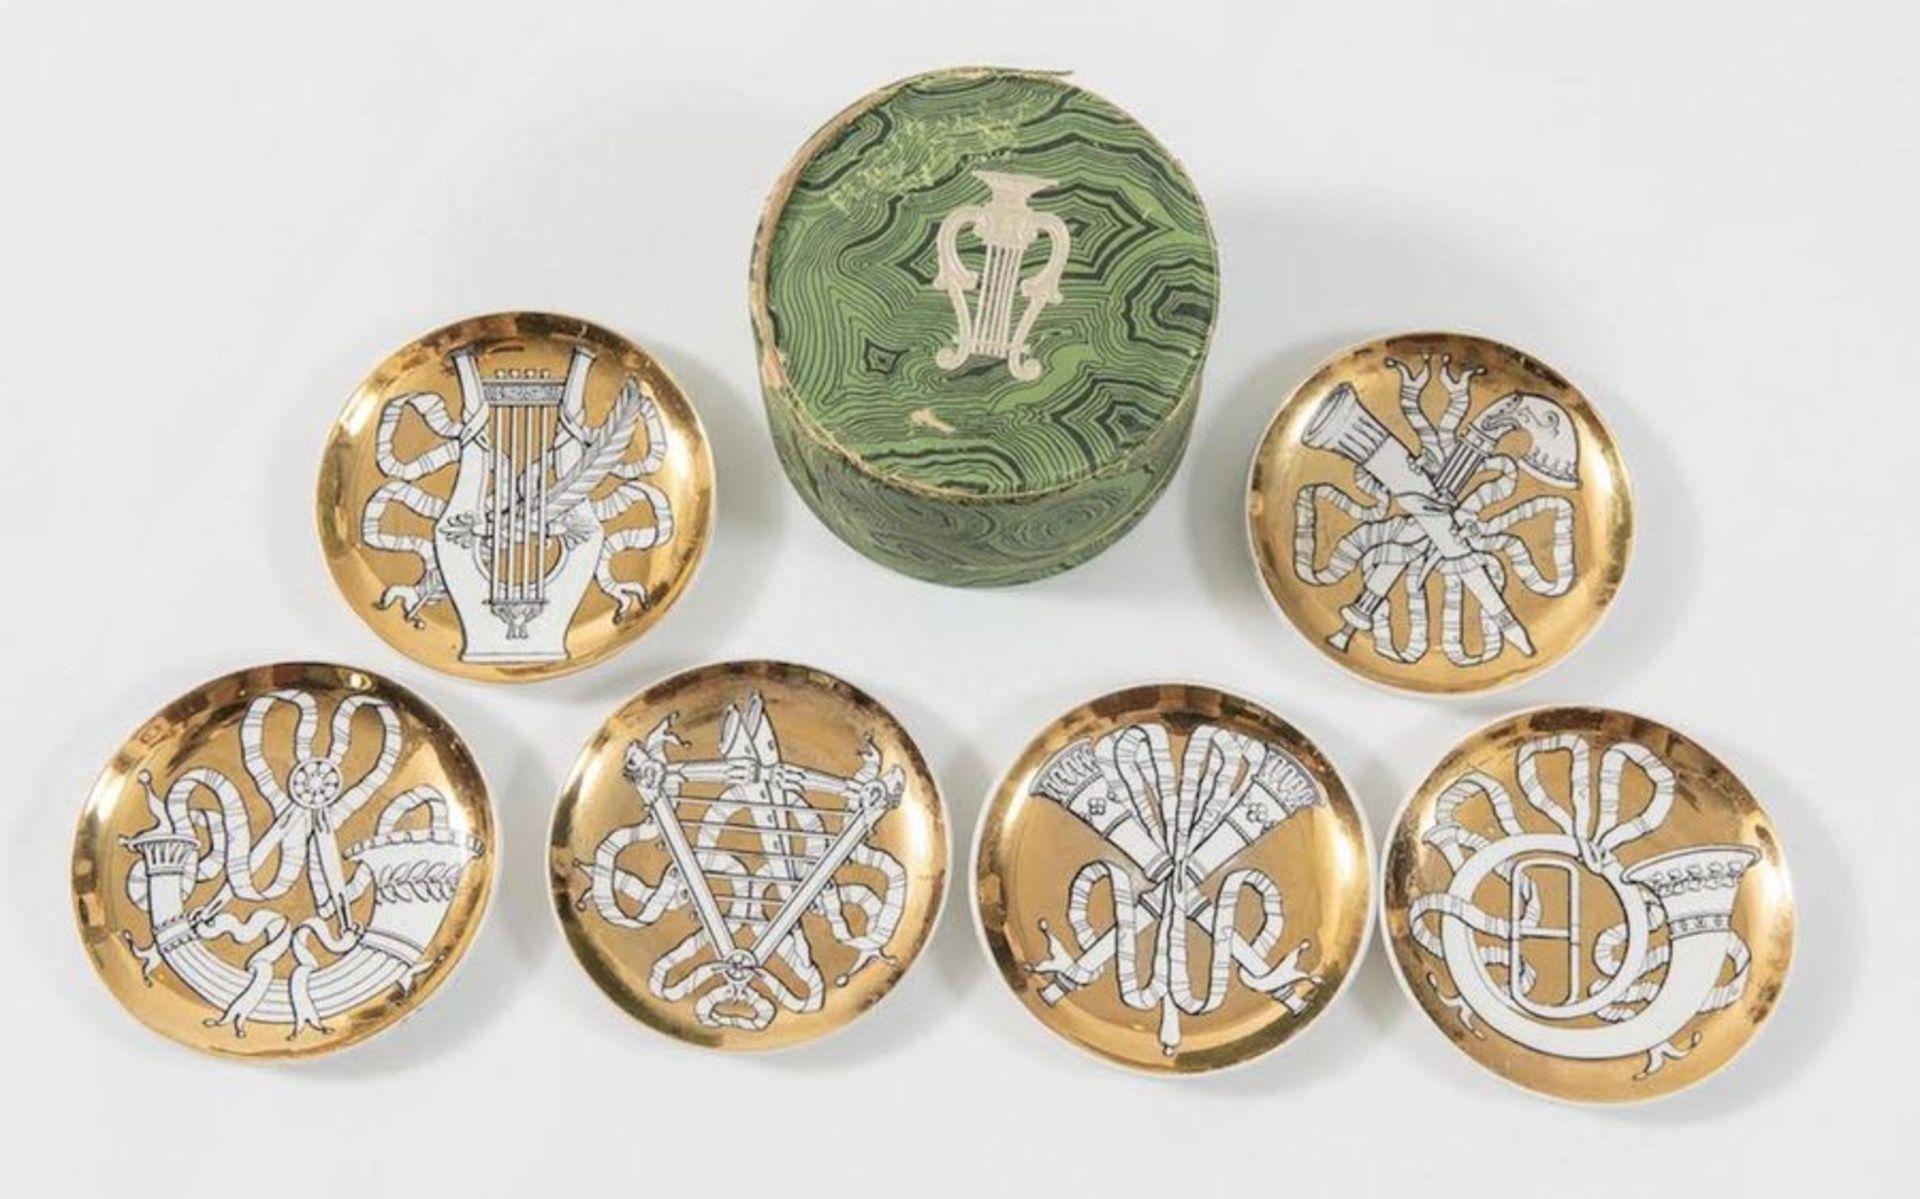 PIERO FORNASETTI Sei piatti in ceramica, dorati, della serie Musicalia; con scatola originale. March